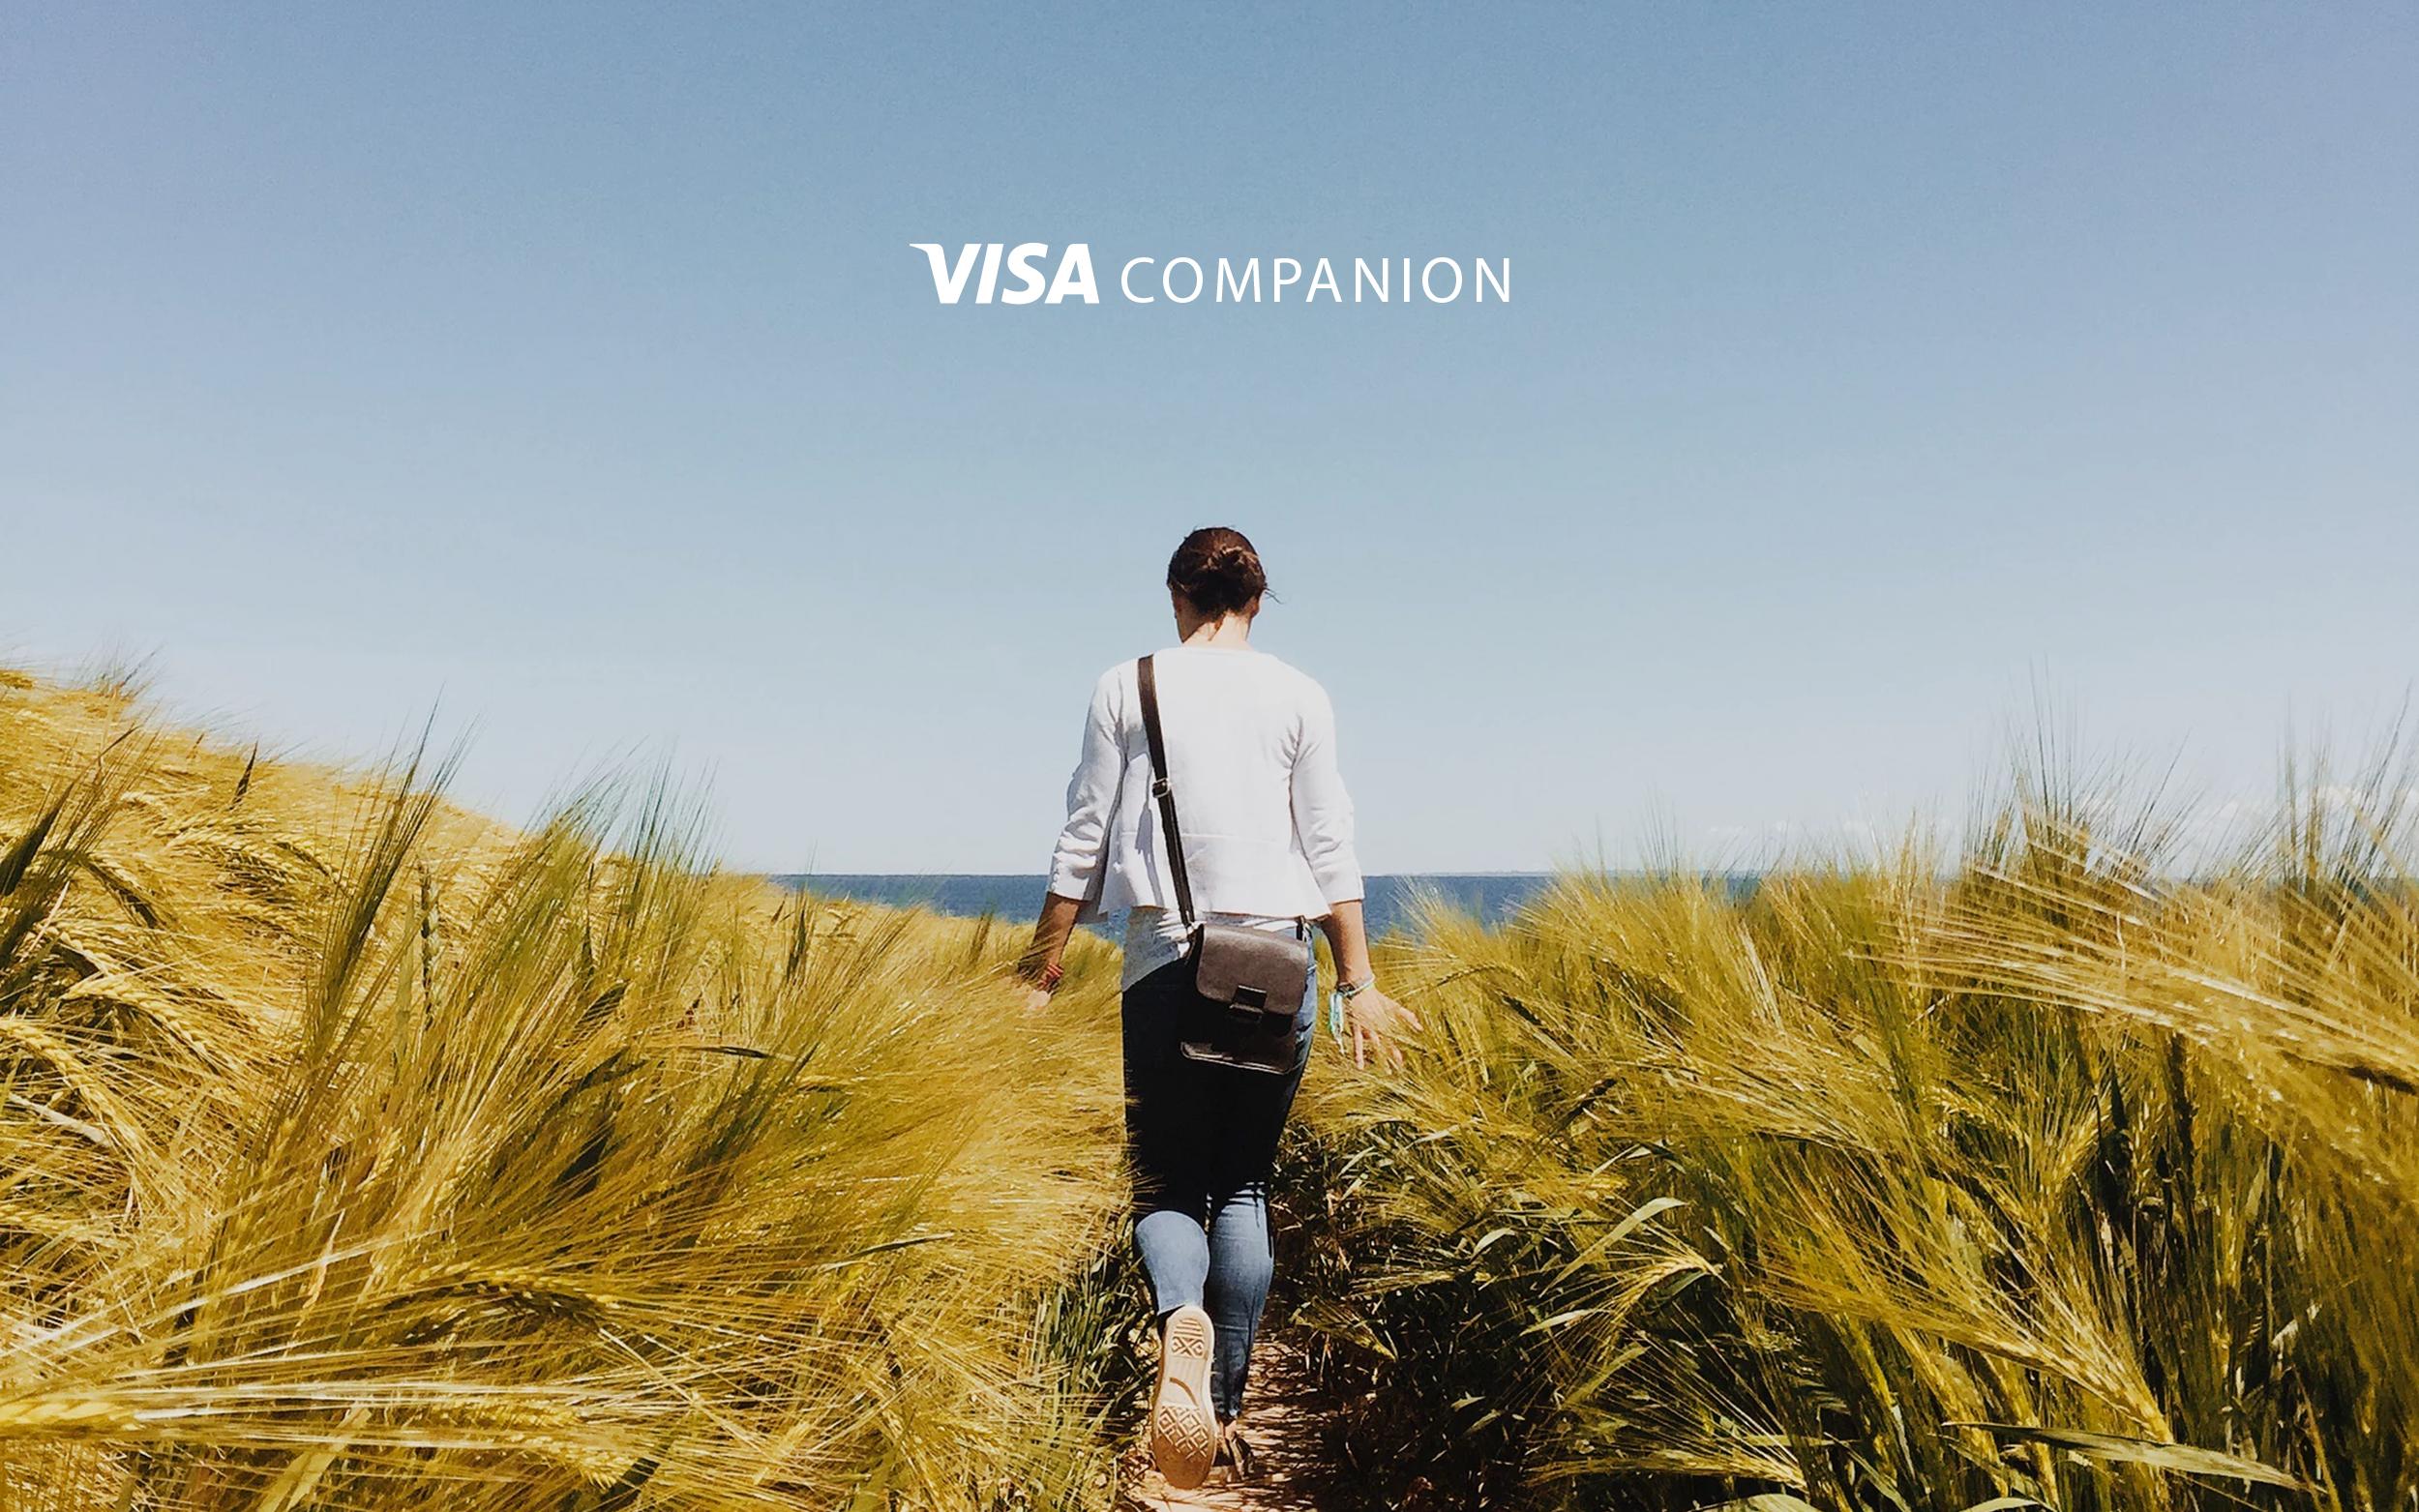 Visa Companion